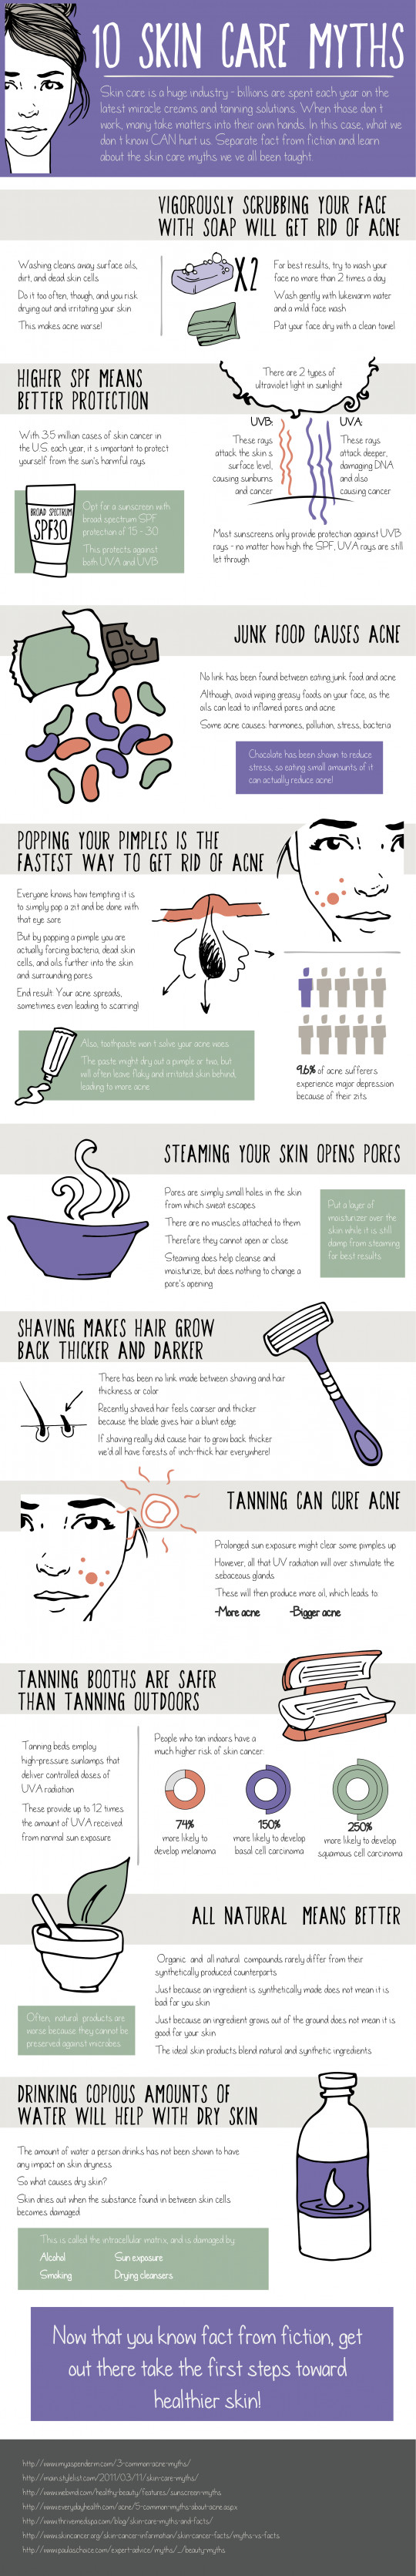 10护肤神话